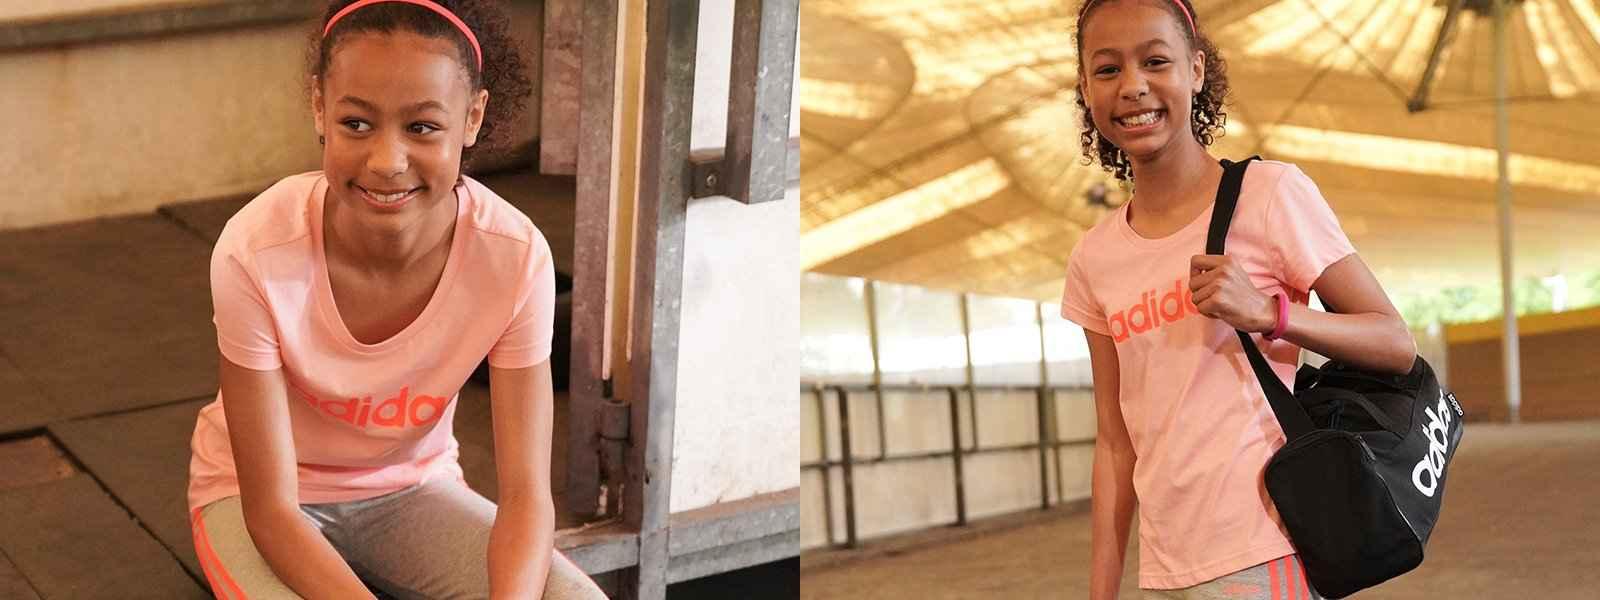 Mädchen Sportshirts